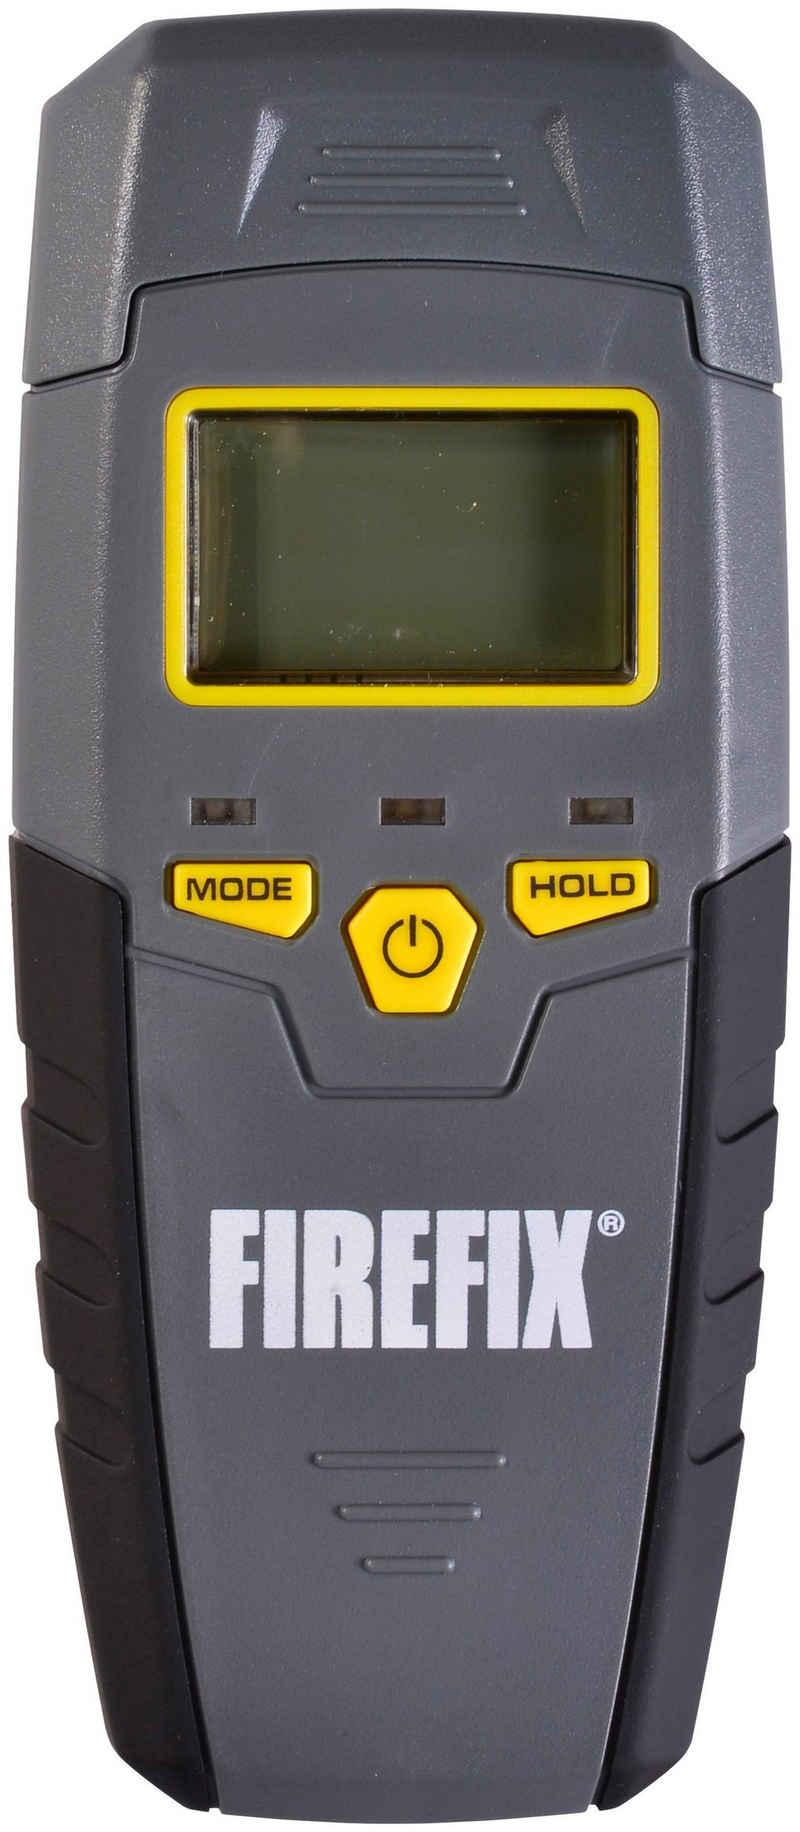 Firefix Feuchtigkeitsmesser